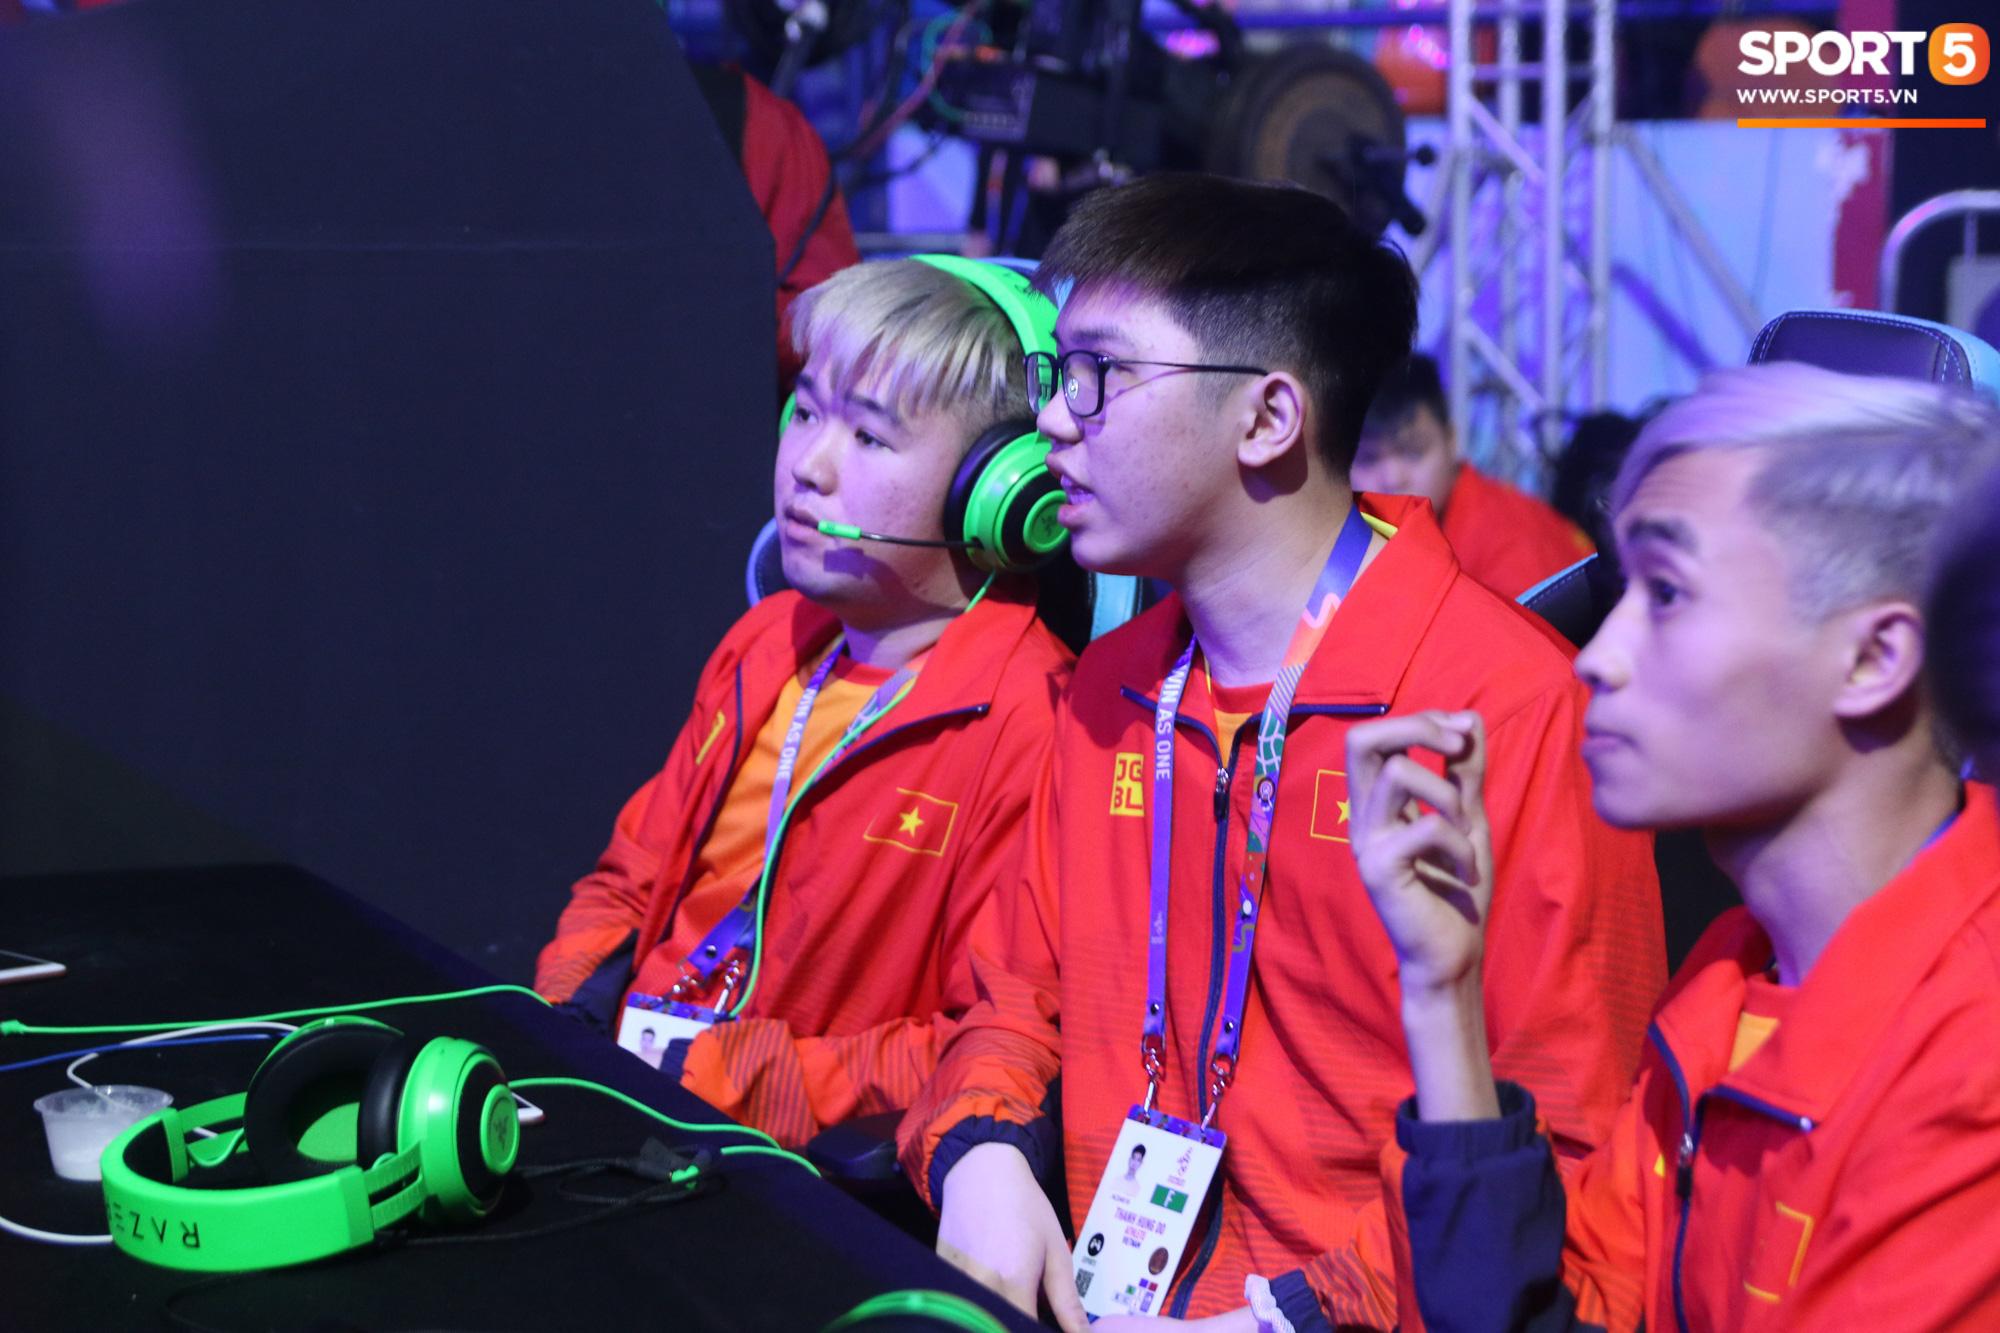 Ngày thi đấu thứ 3 của Esports tại SEA Games 30: Tưởng yên ổn nhưng chủ nhà lại khiến VĐV Việt Nam đau đầu vì sự cố mất mạng, sập nguồn - Ảnh 8.